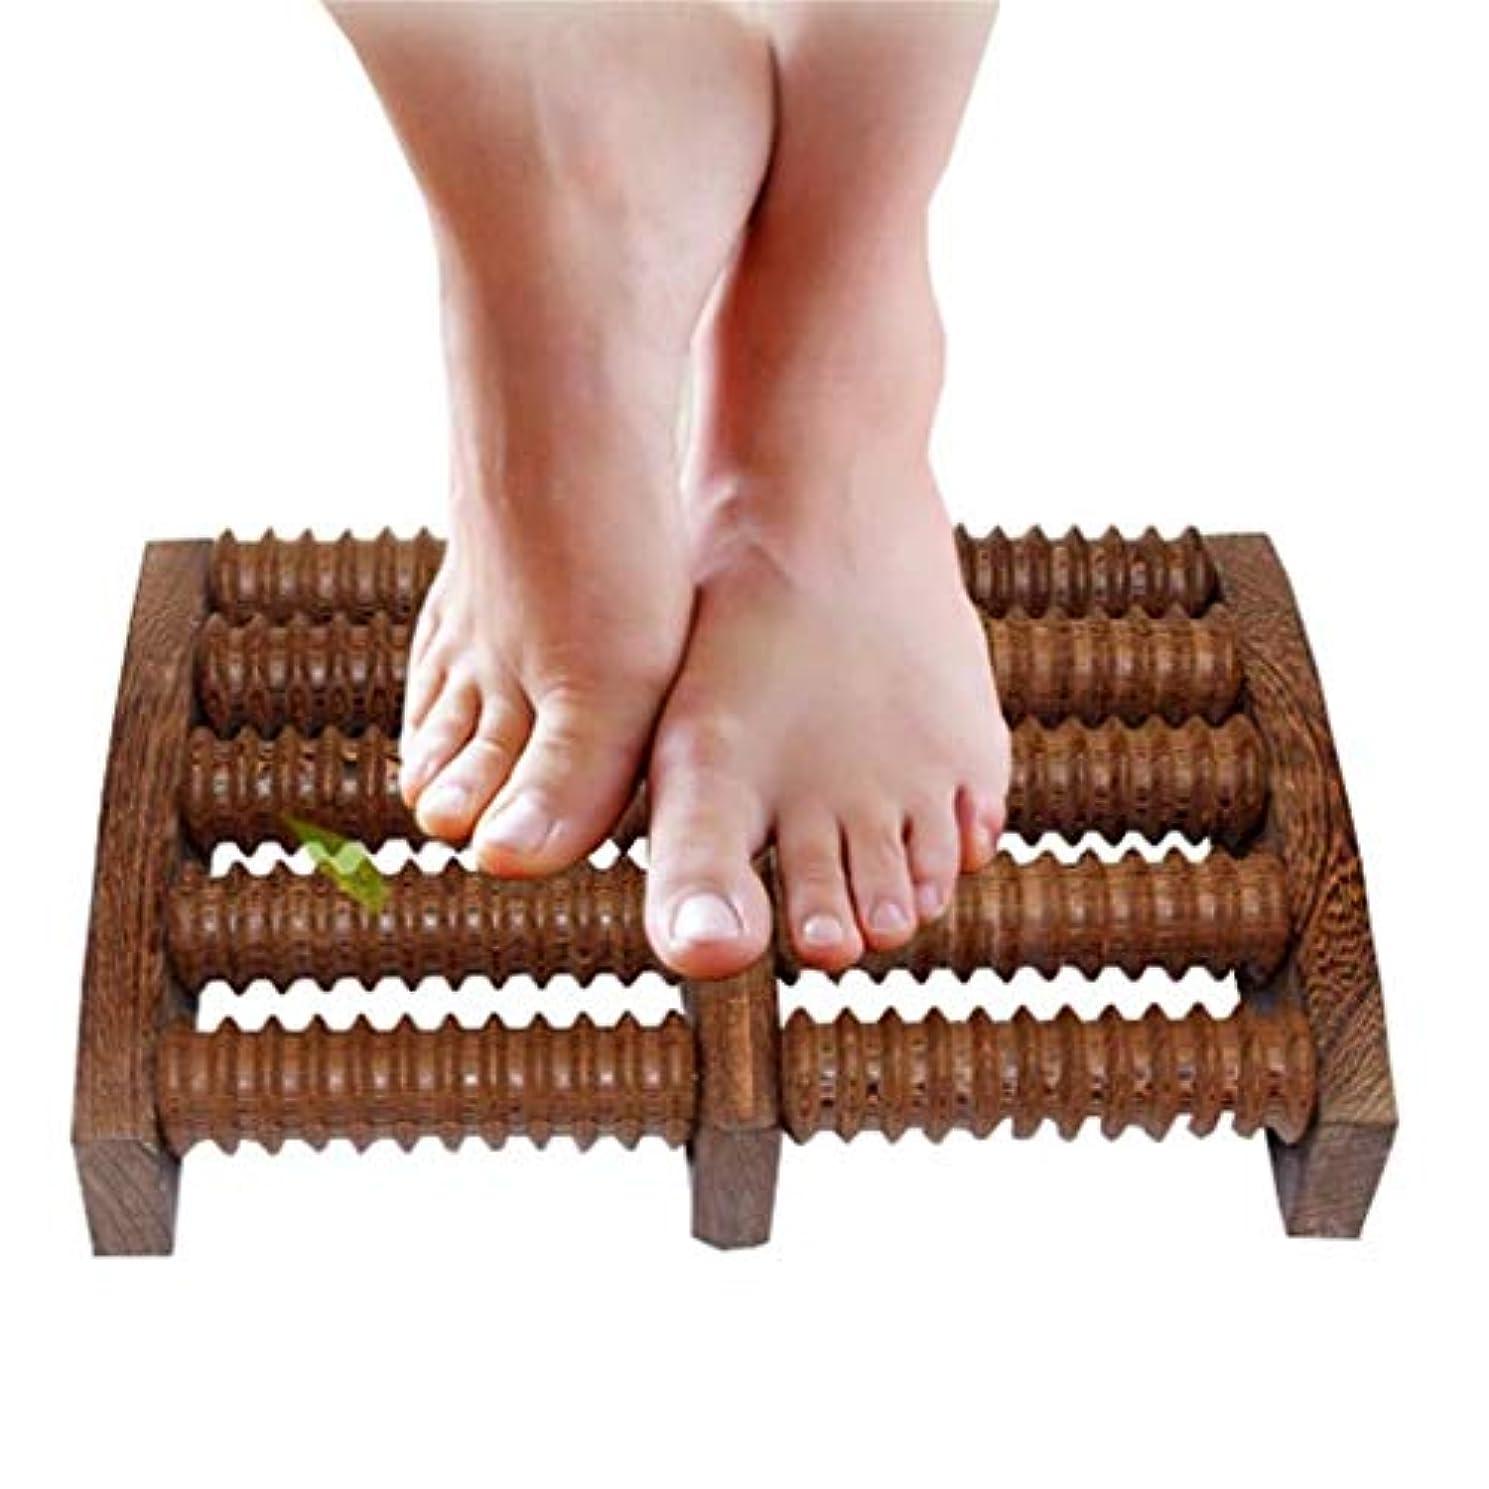 巡礼者否認する家庭木製足裏マッサージローラーは、足底筋膜炎の治療のために圧力/かかととアーチの痛みを和らげ、筋肉と足のマッサージャーをリラックスさせます (Color : B)